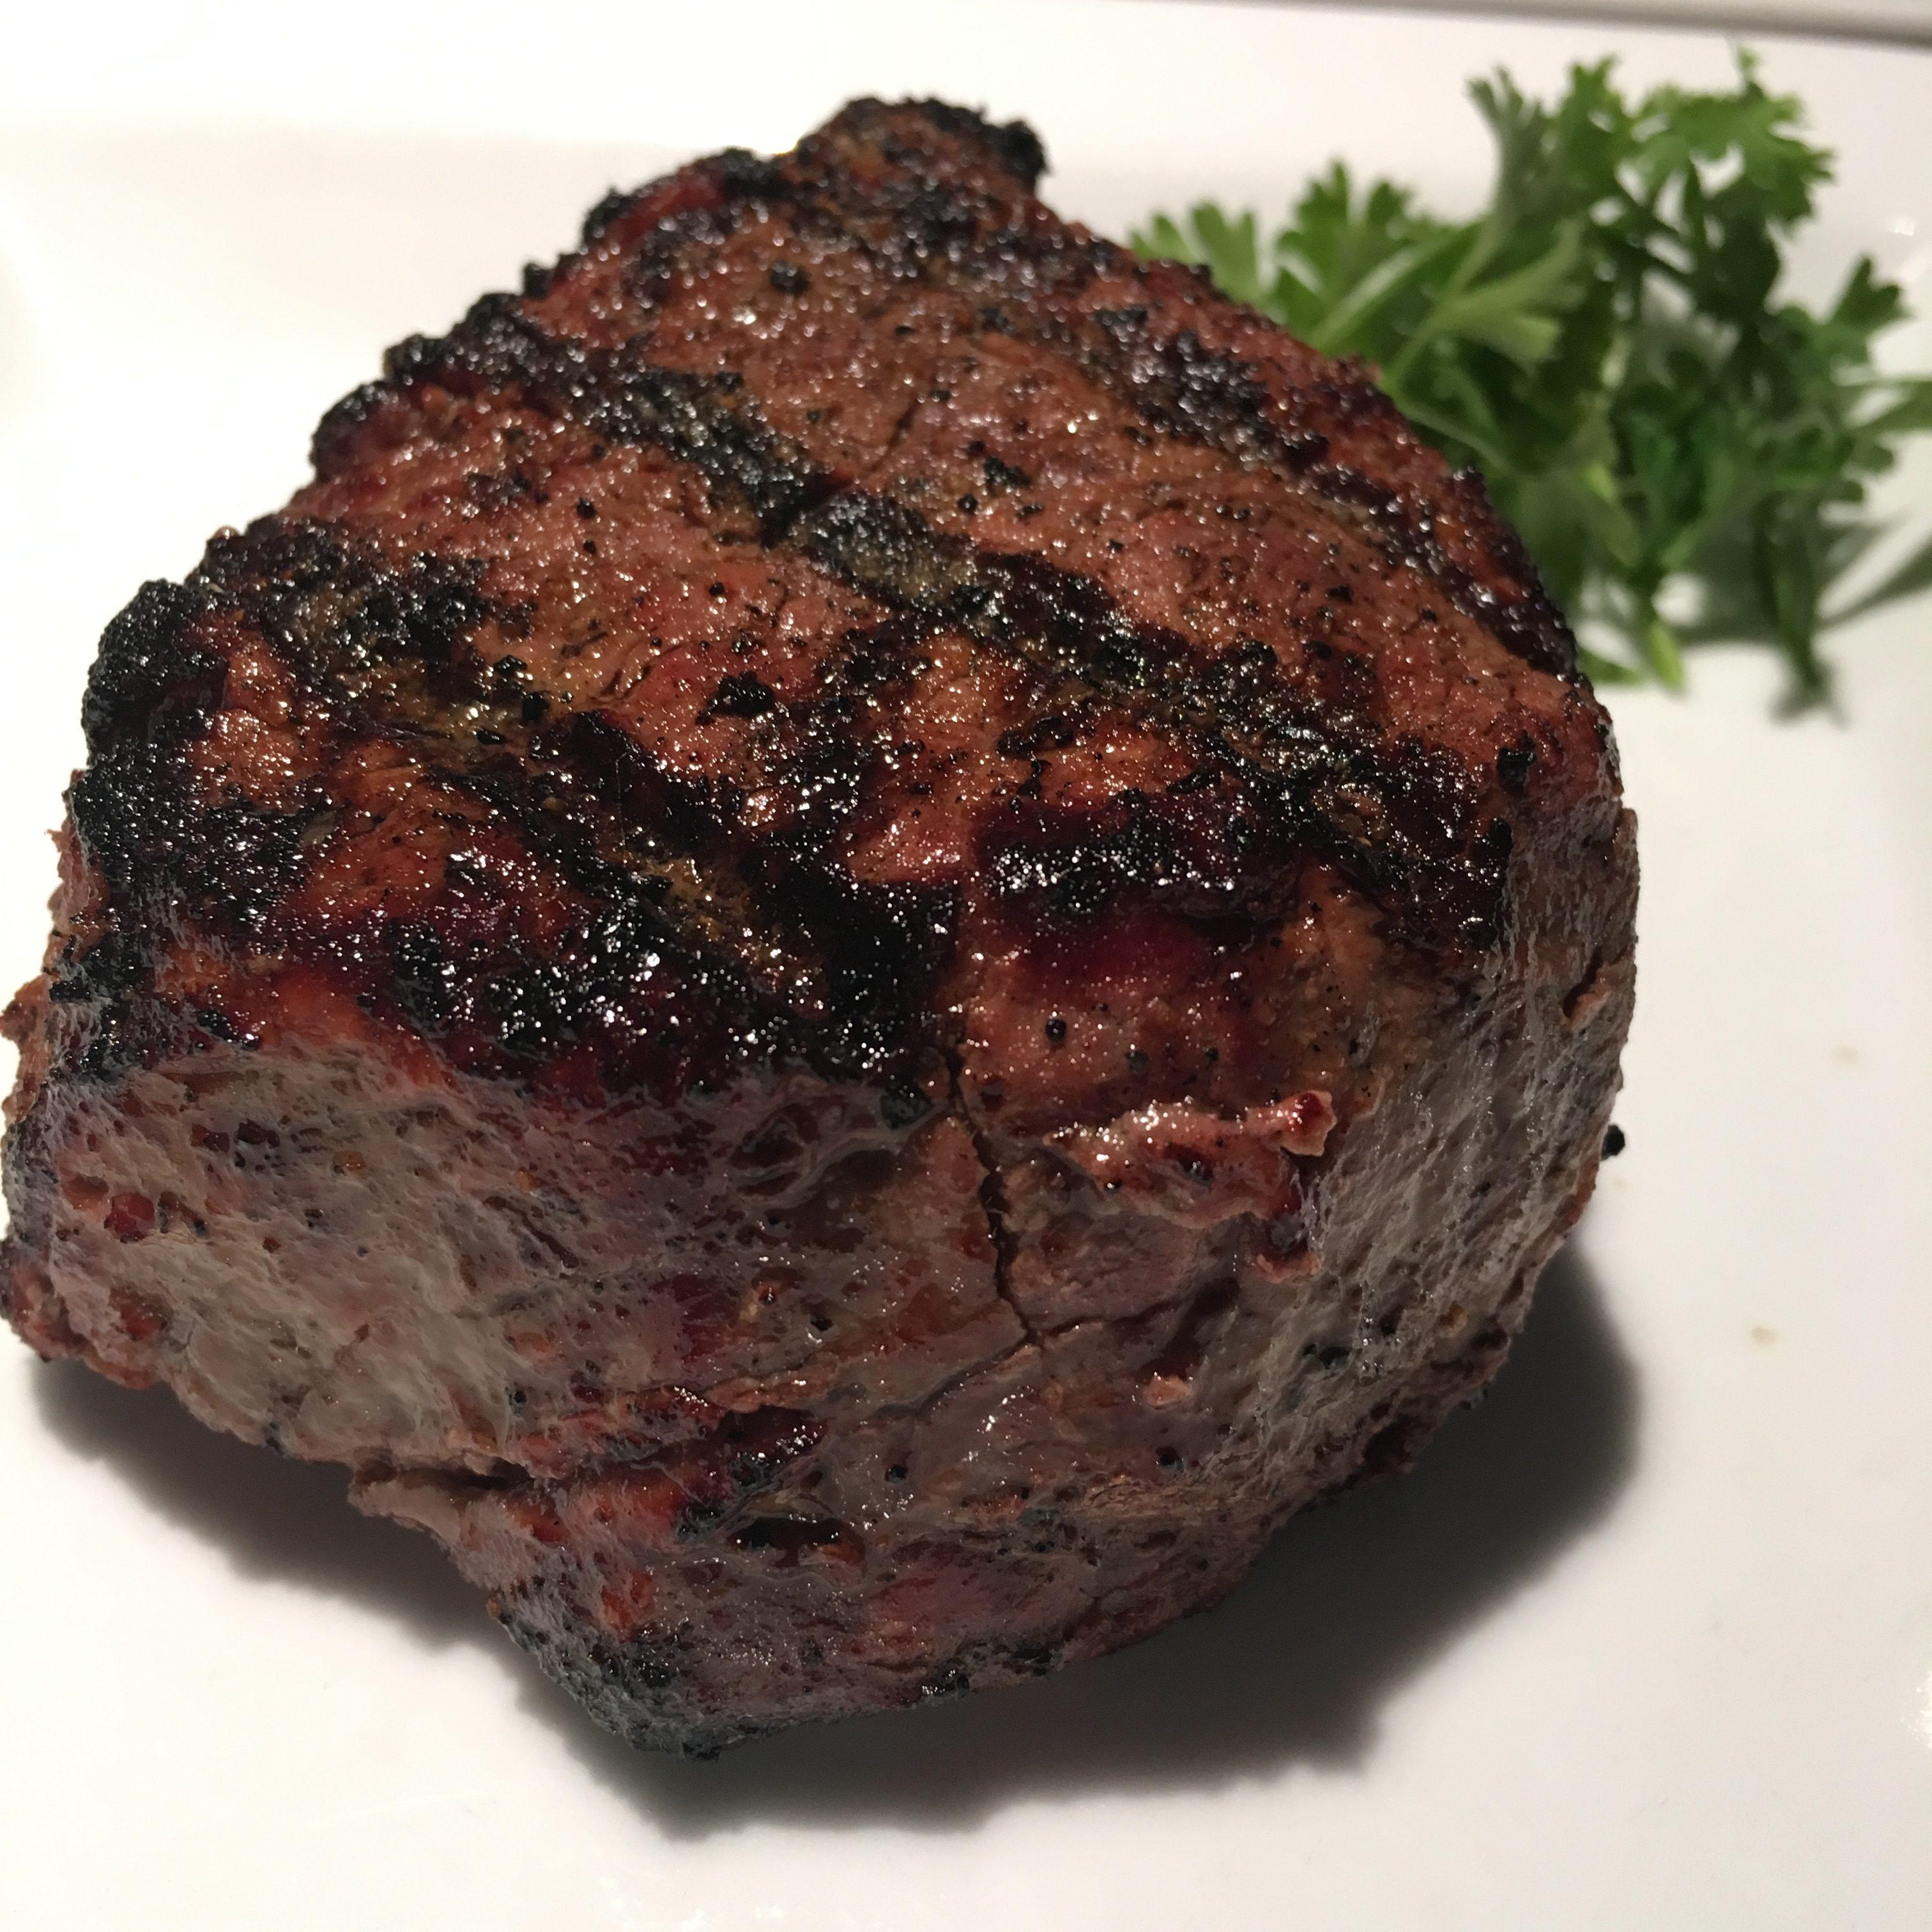 Changes to Rare Craft Steak & Cocktail House, Schenectady